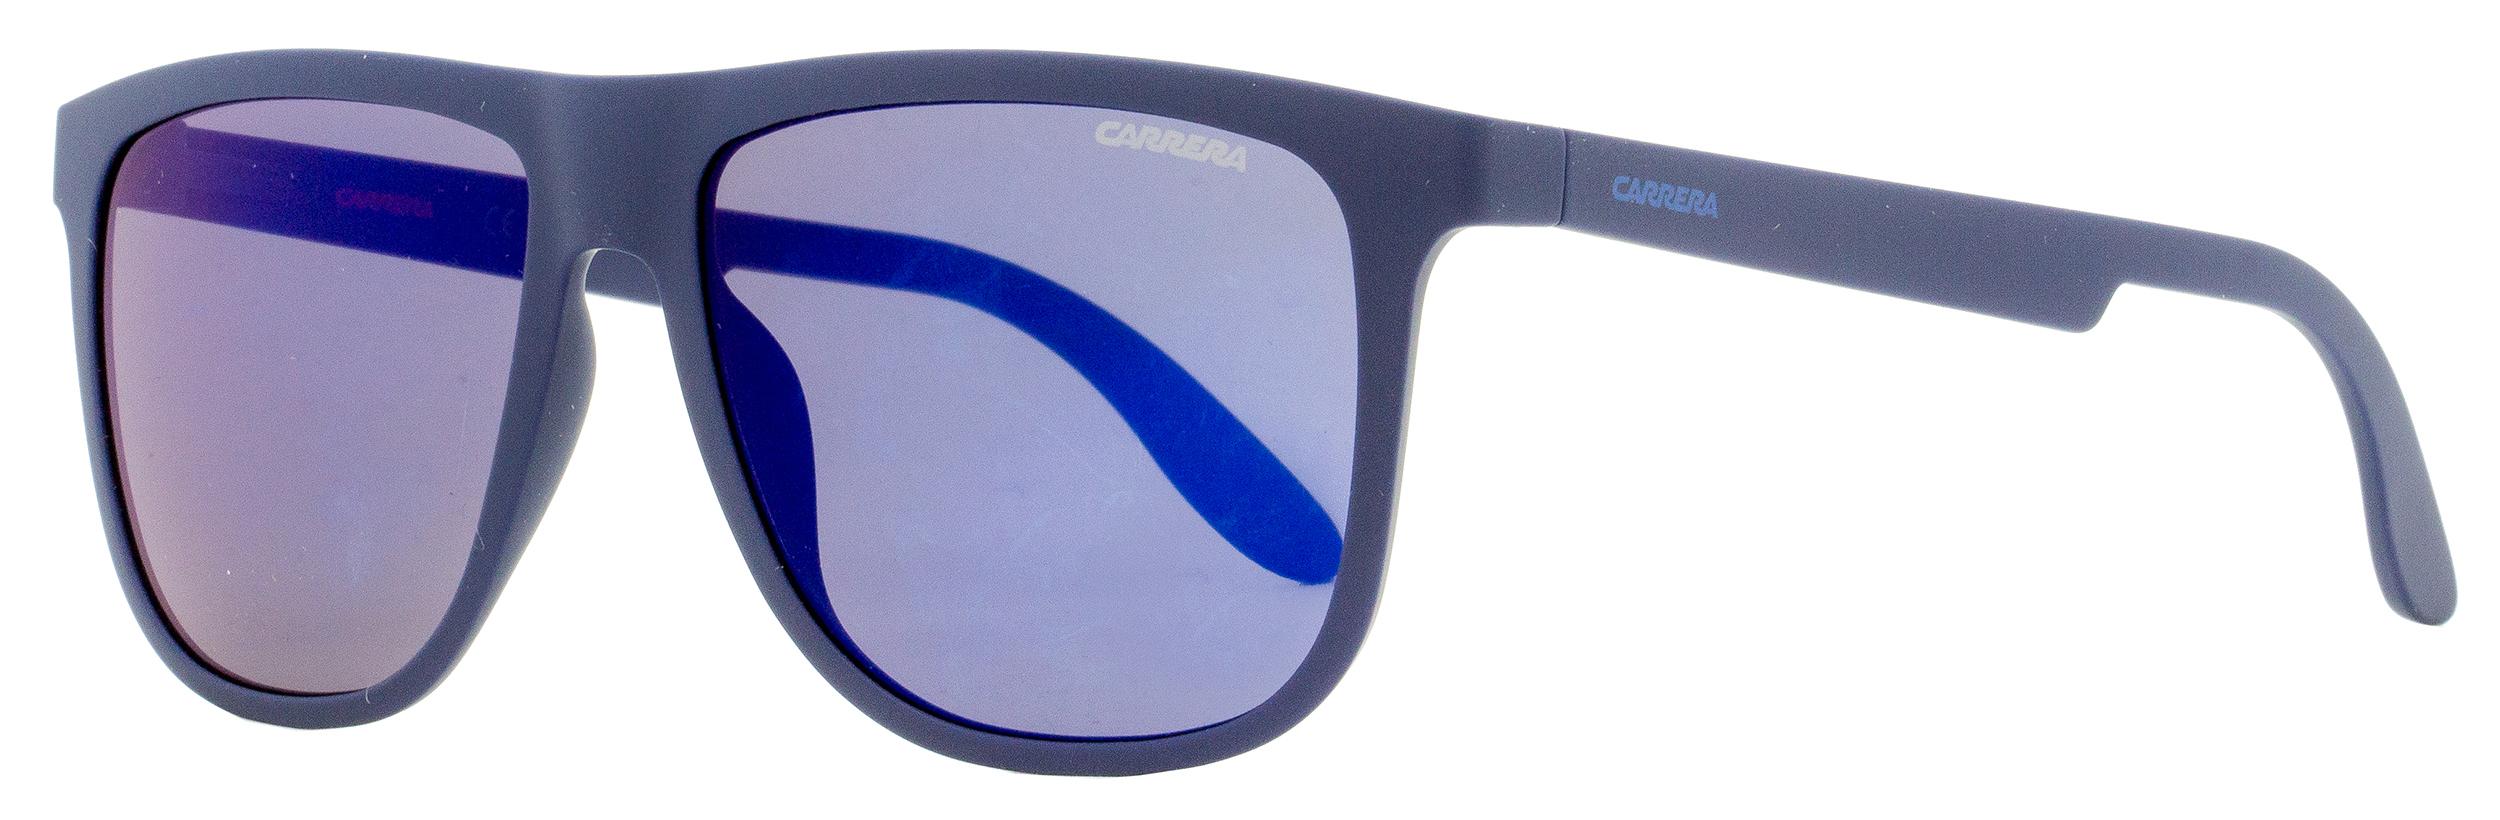 Carrera Rectangular Sunglasses 5003/ST KRWXT Matte Dark Blue